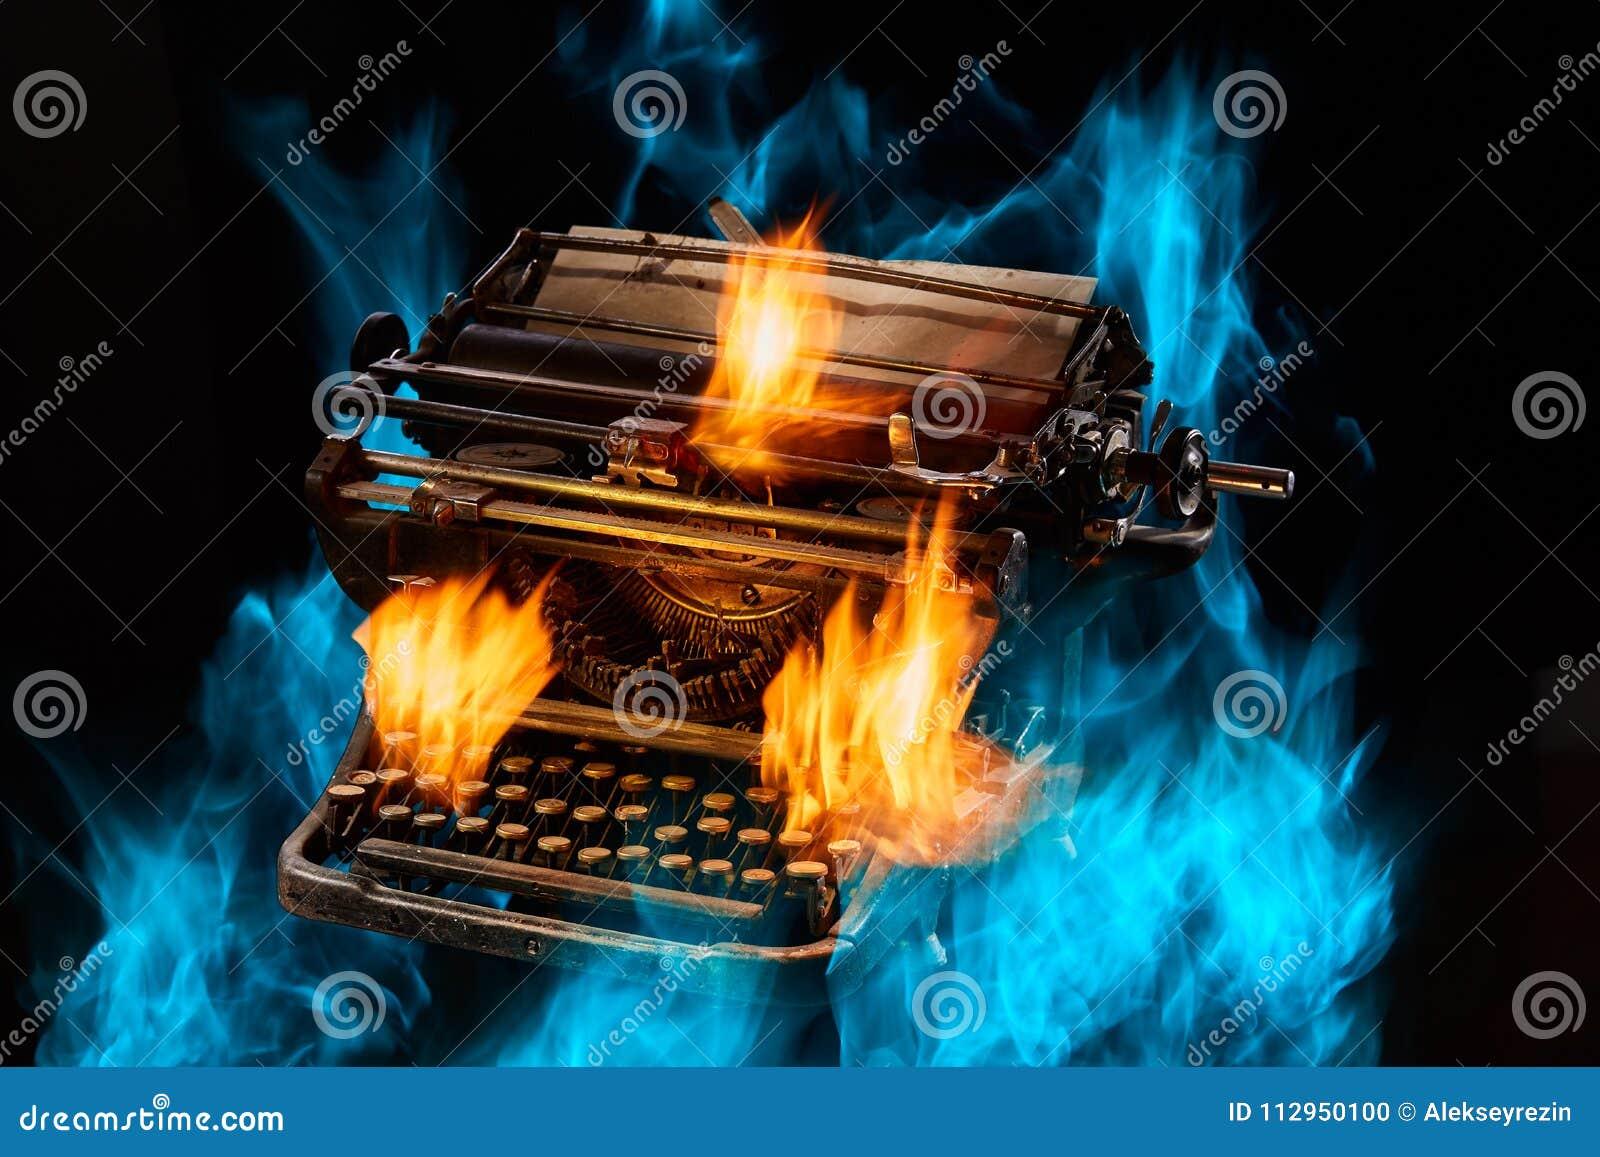 Έννοια που πυροβολείται της παλαιάς χειρωνακτικής γραφομηχανής με το έγγραφο για το μαύρο υπόβαθρο, εκλεκτική εστίαση